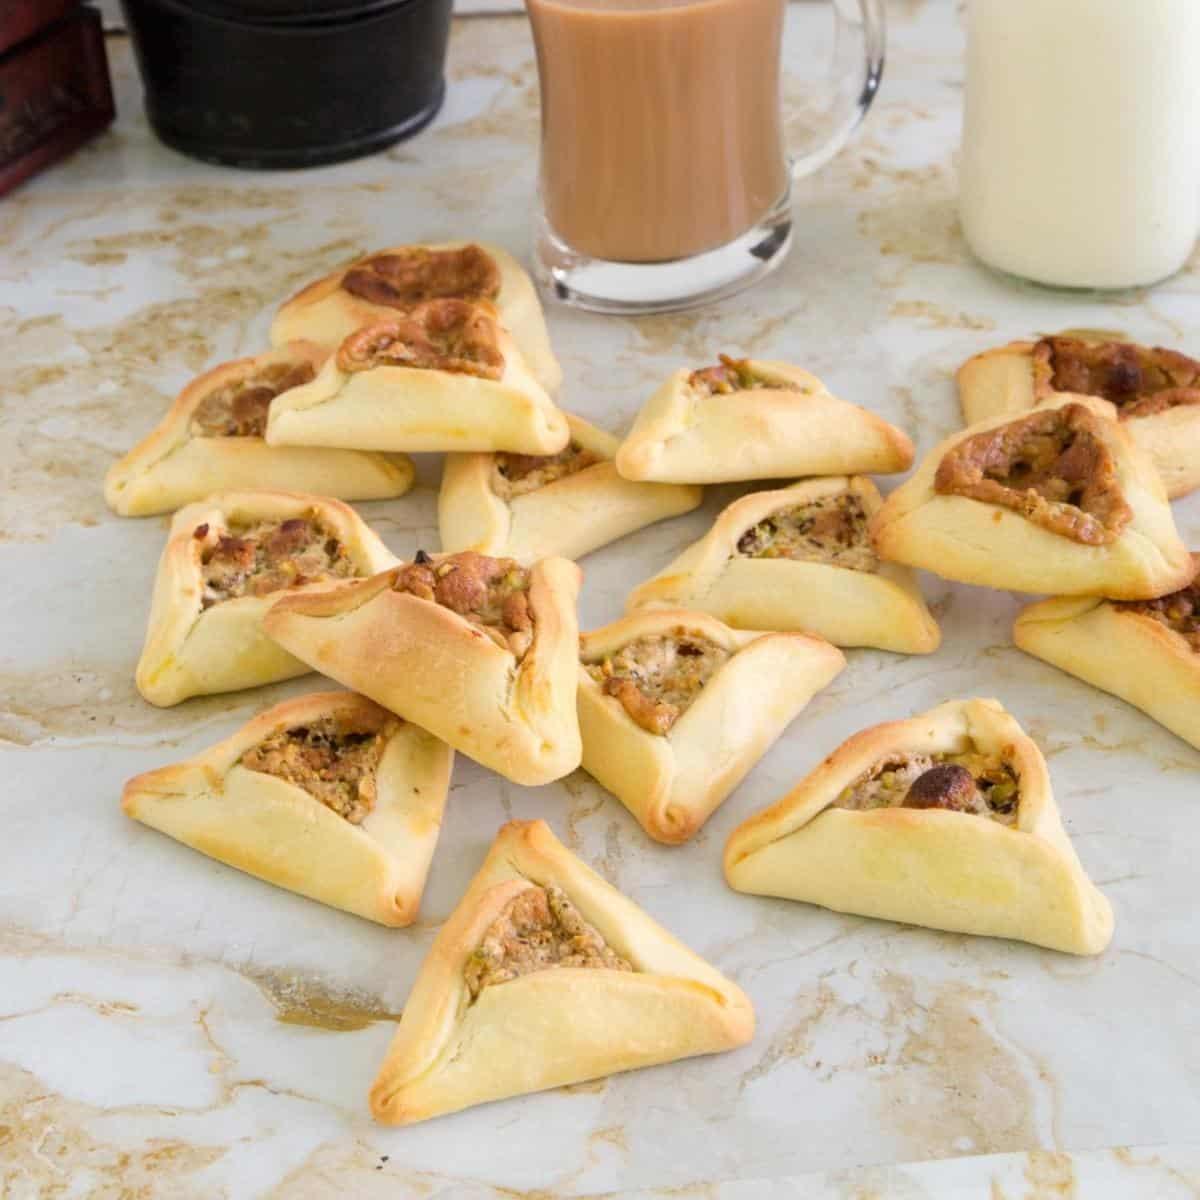 Halva cookies on a table